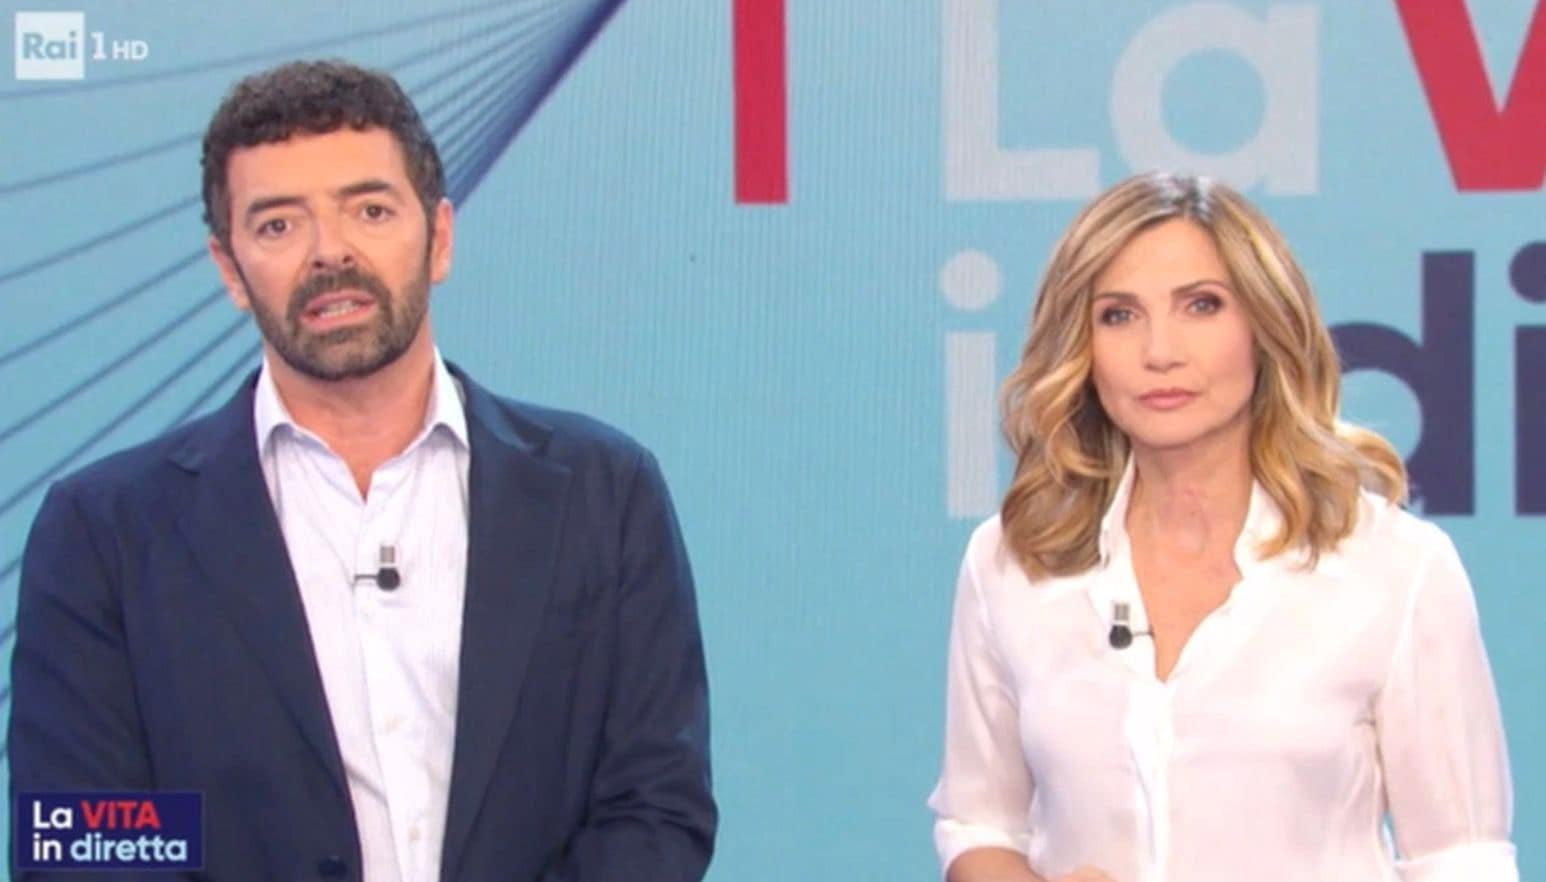 Lorella Cuccarini come la Clerici: nuove indiscrezioni sul futuro in Rai